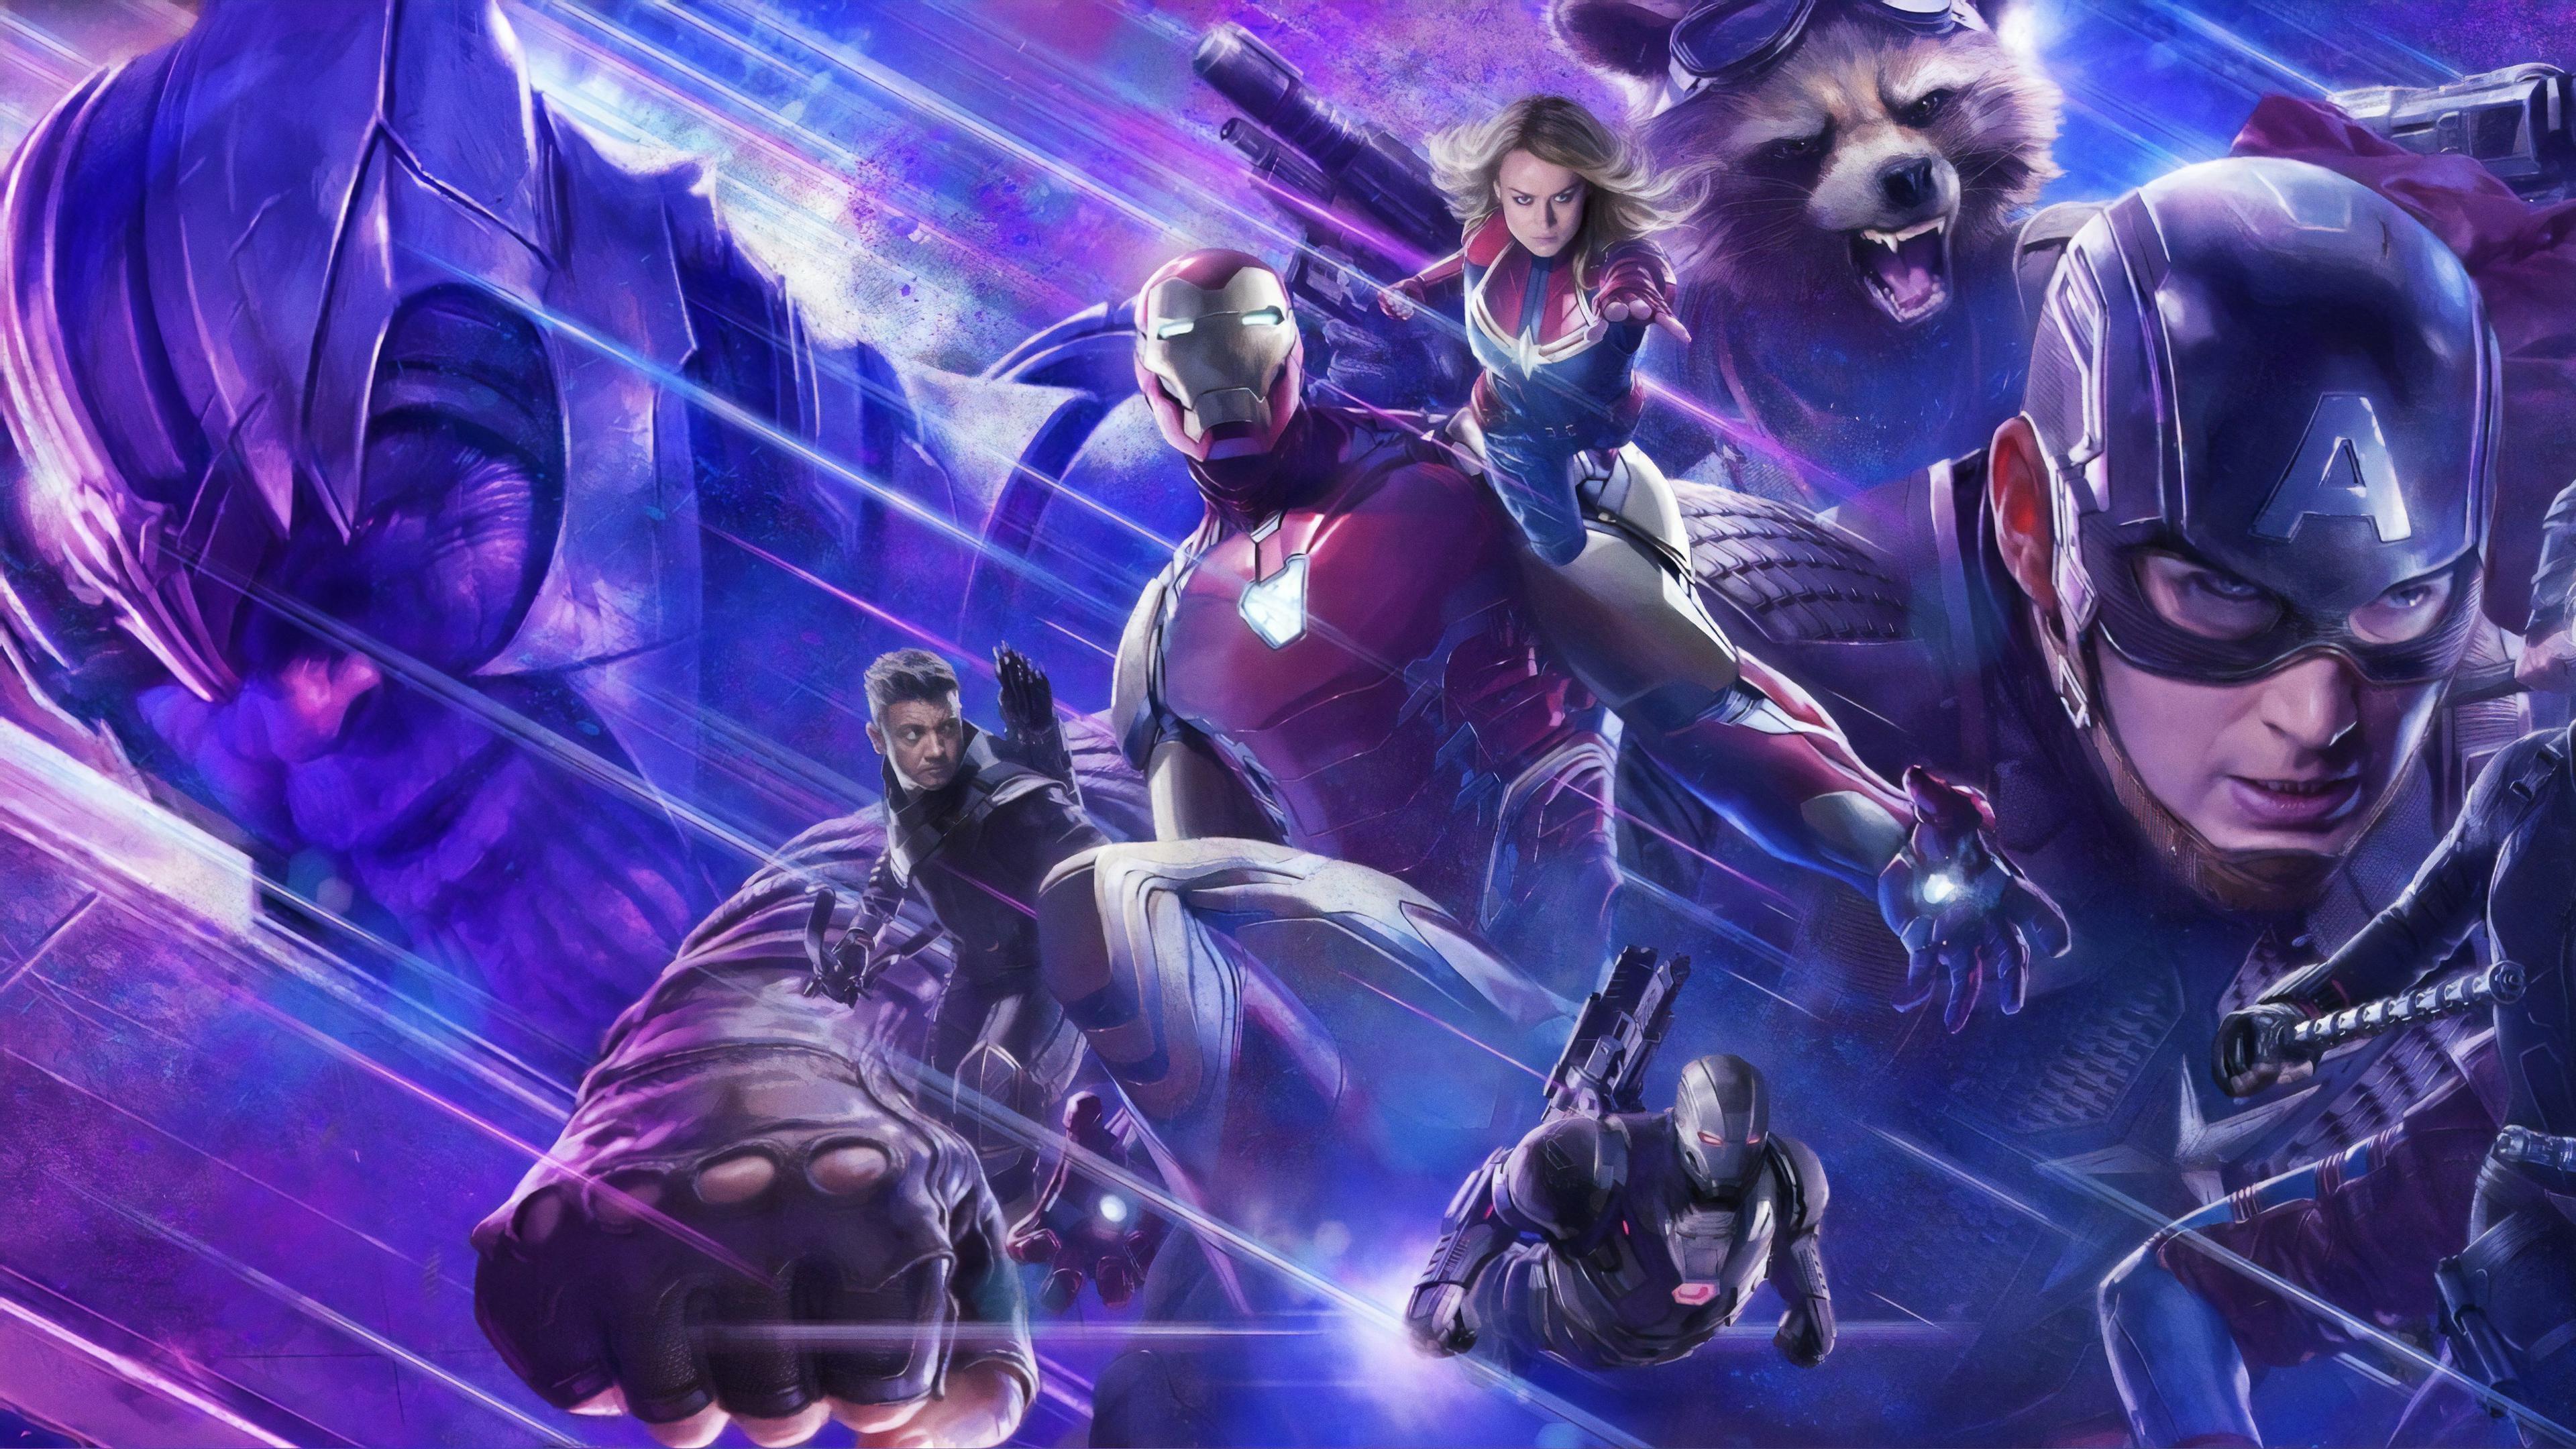 Avengers Endgame Desktop Wallpapers